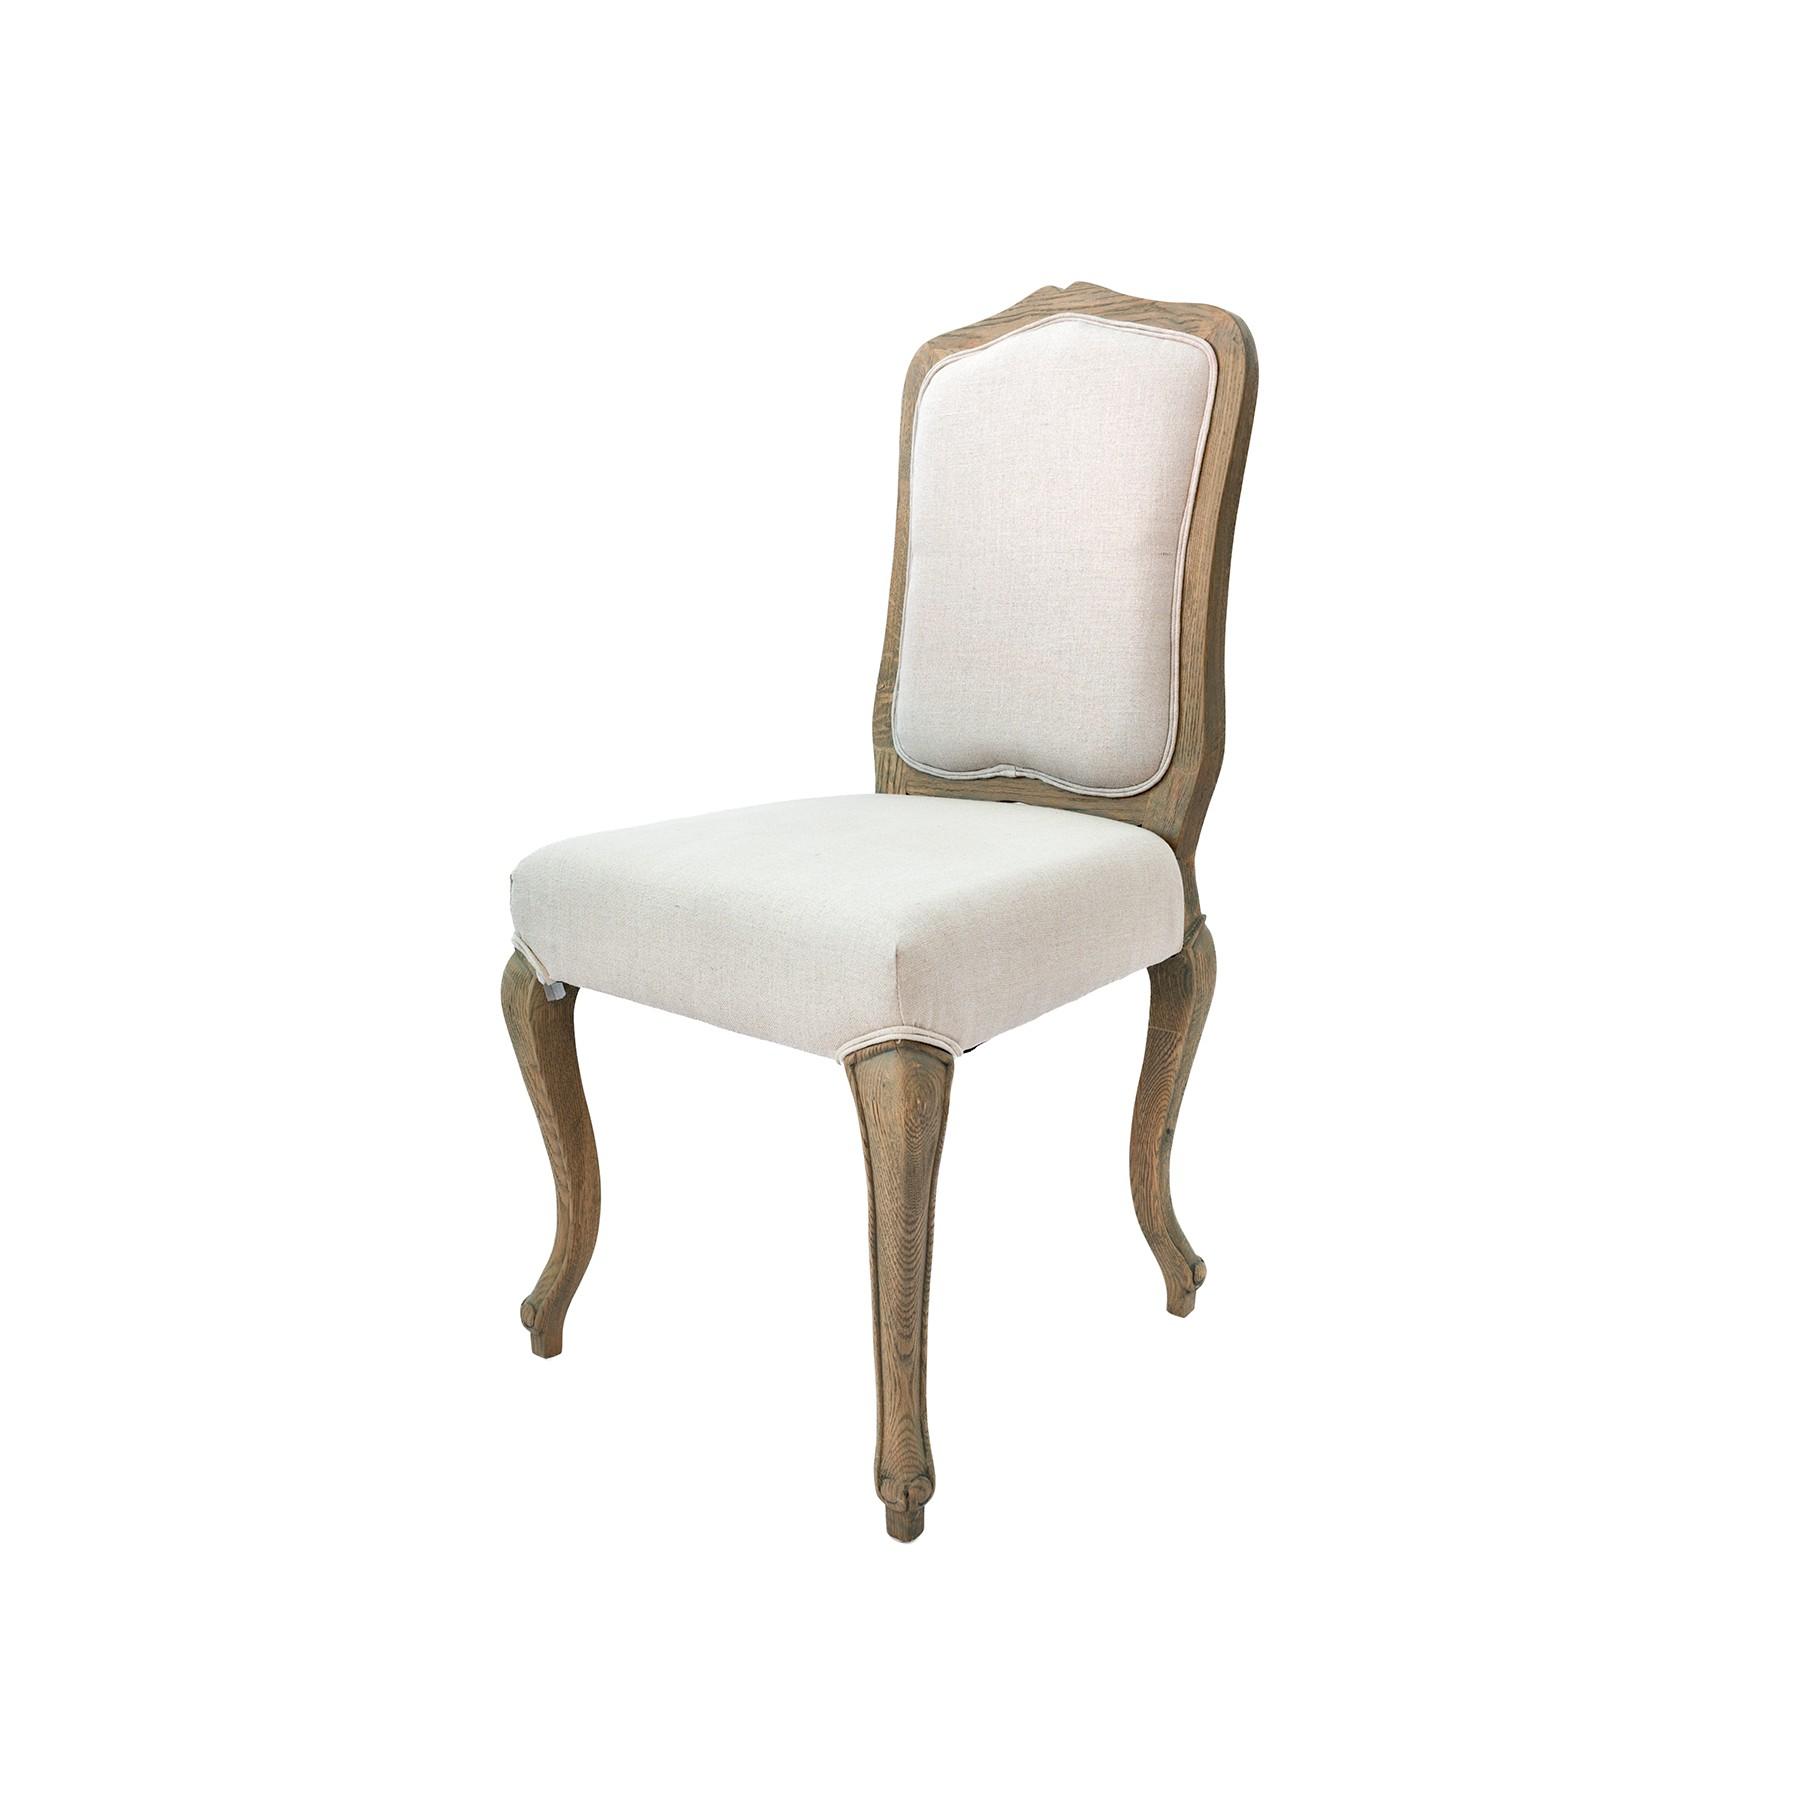 Sillas vintage baratas sillas vintage sitdown silla for Sillas tapizadas baratas